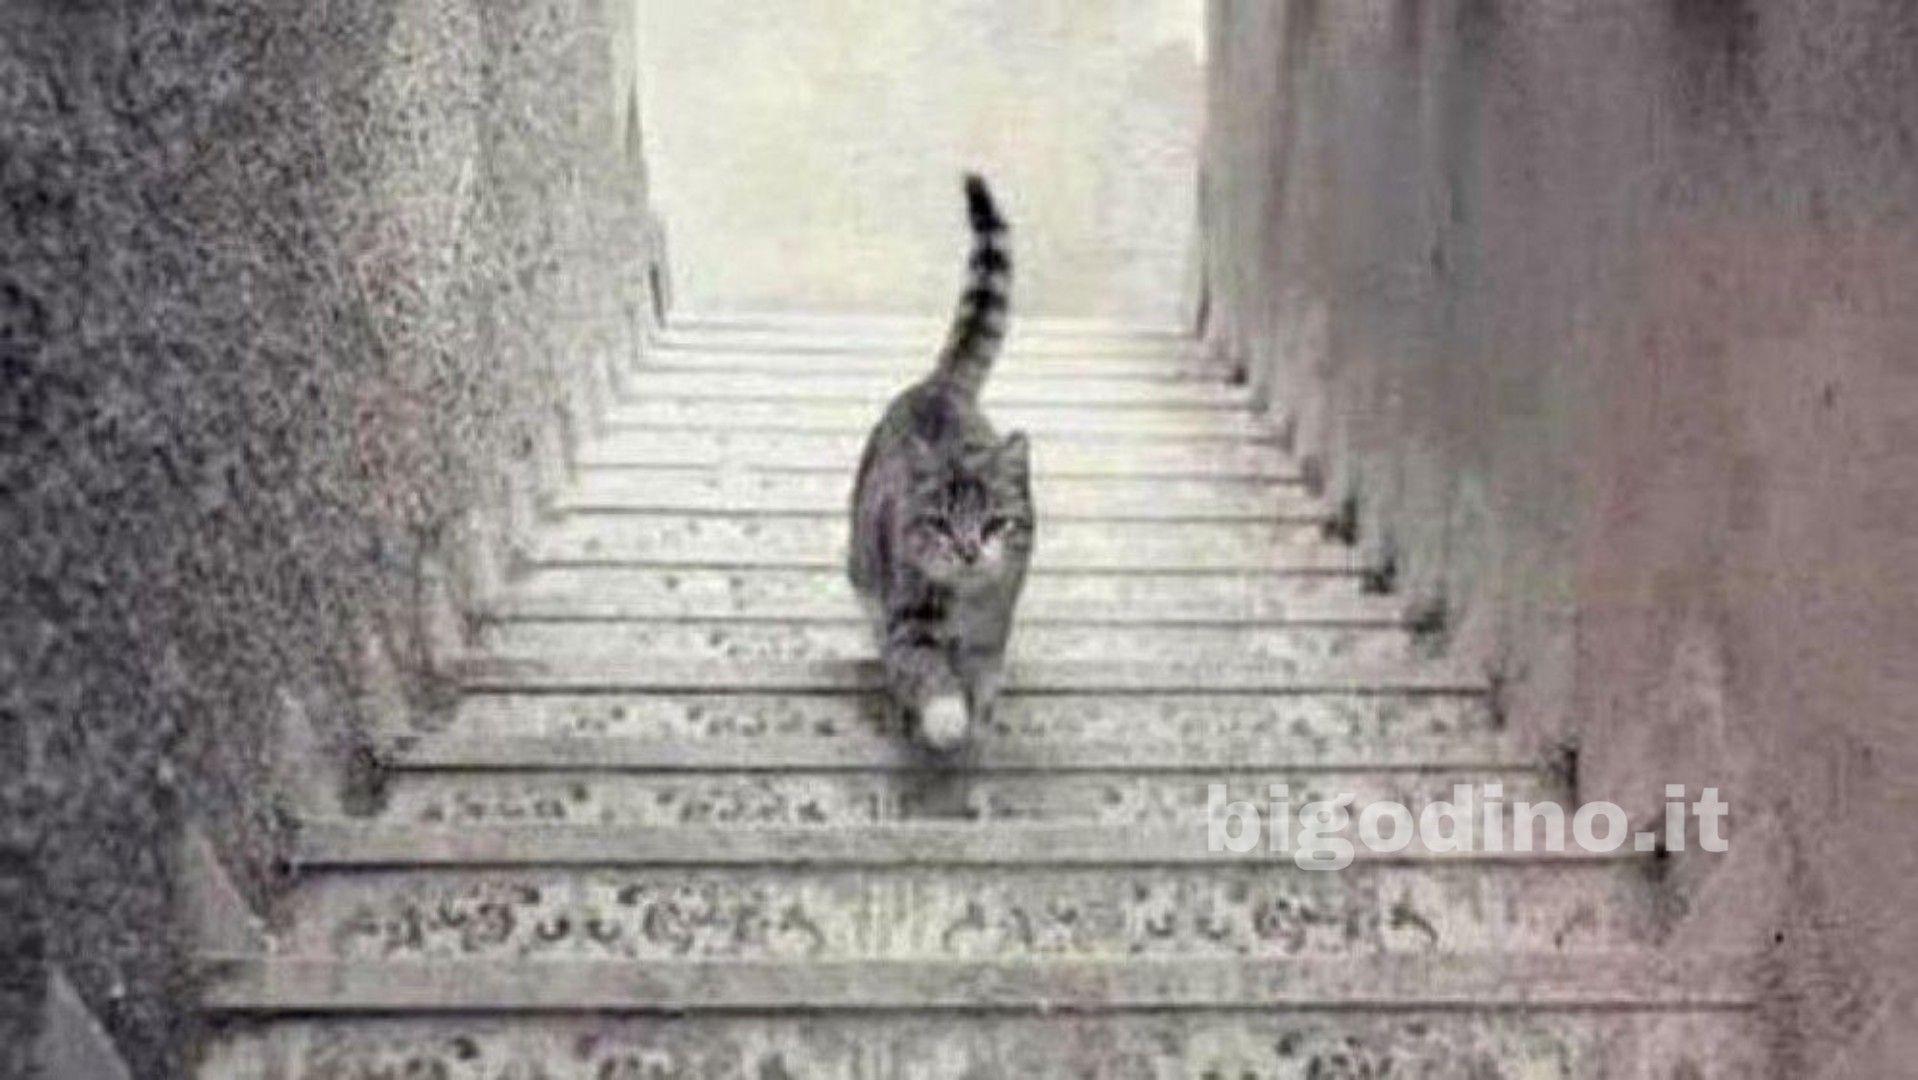 Il gatto sale o scende le scale? Scopri come affronti i problemi